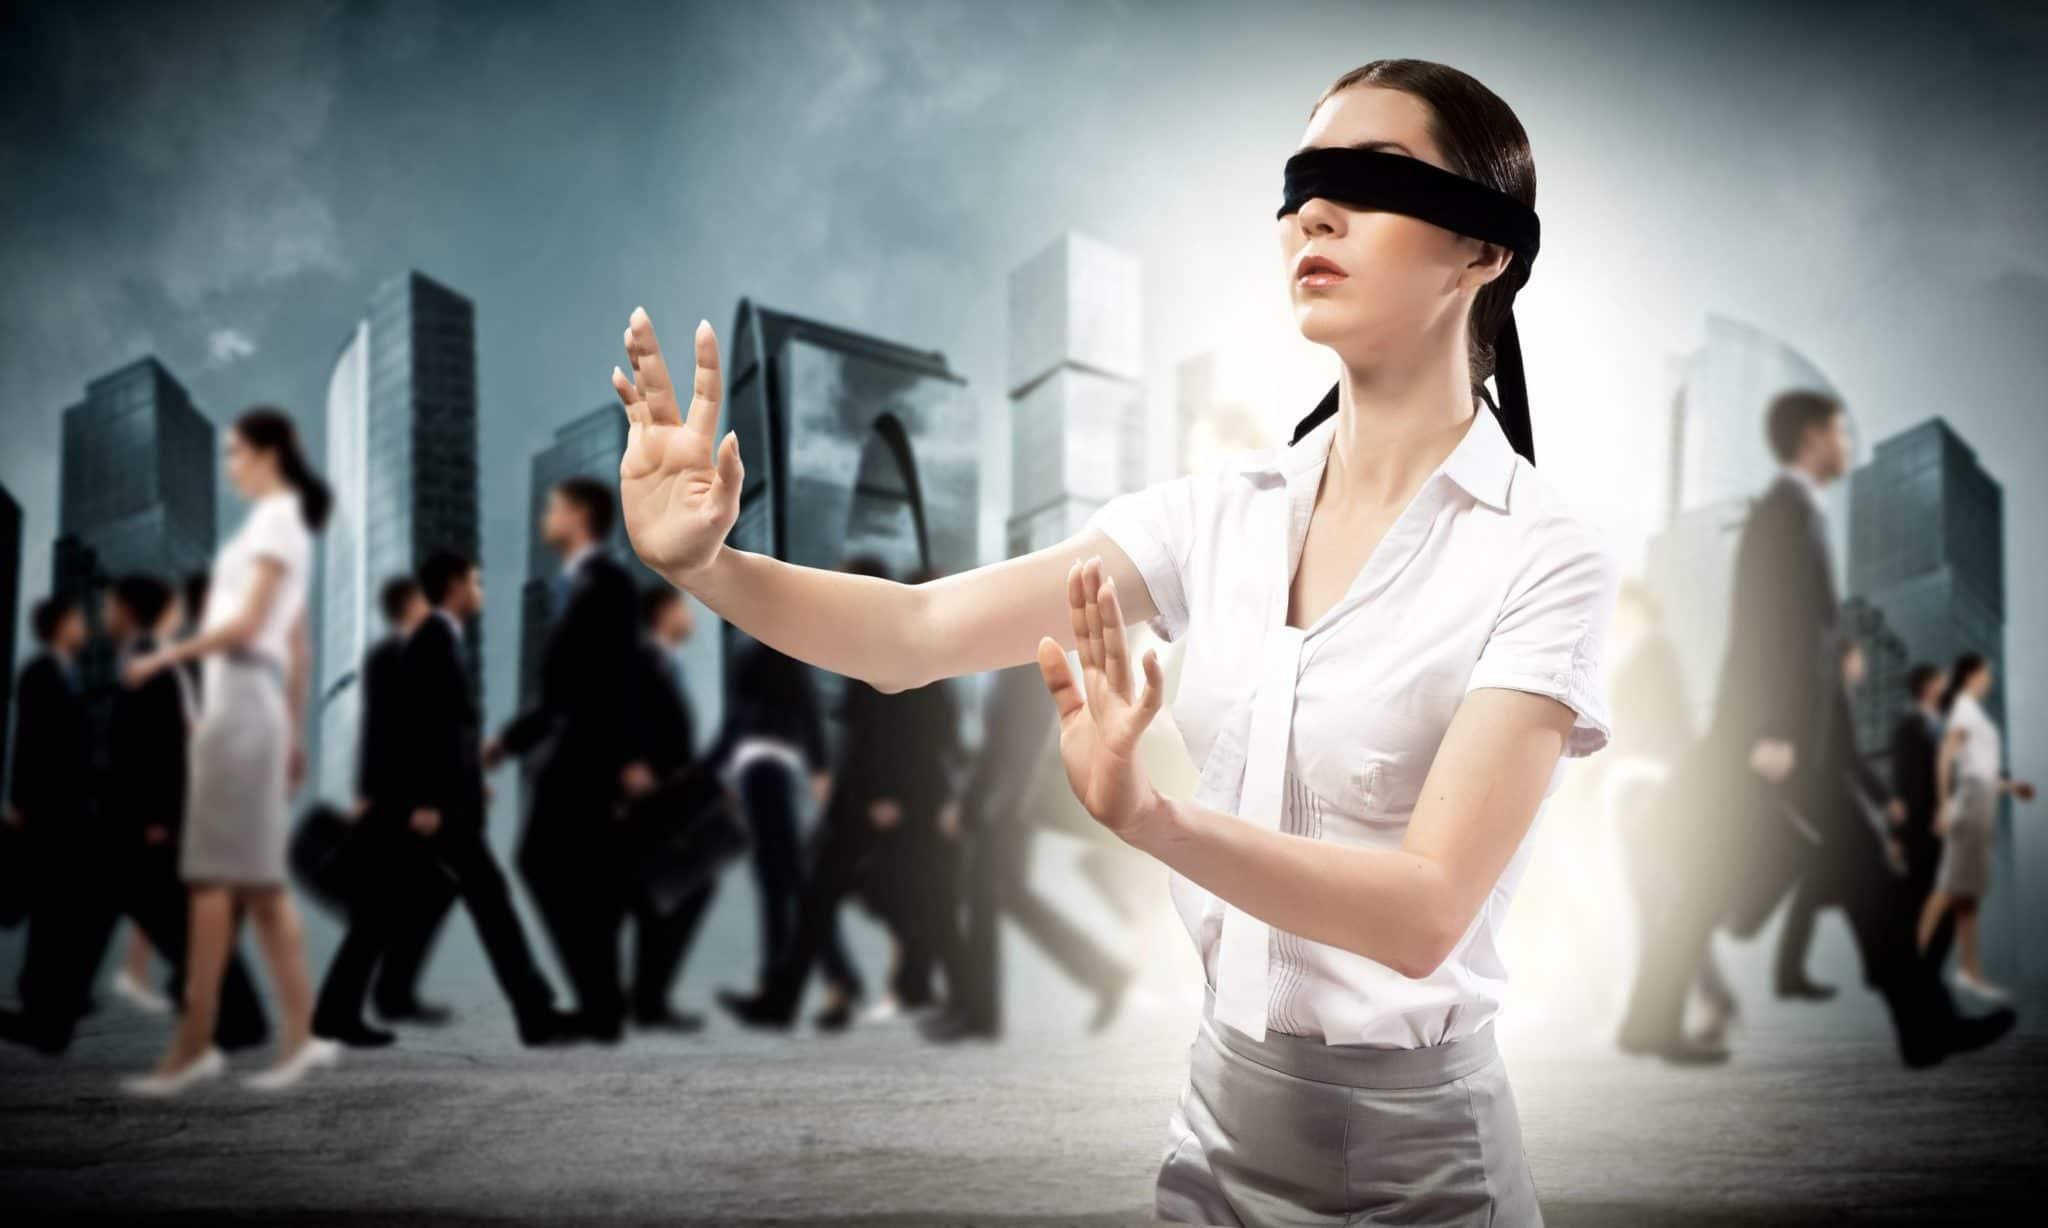 Der Recruitingprozess – Drei Blinde spielen russisches Roulette